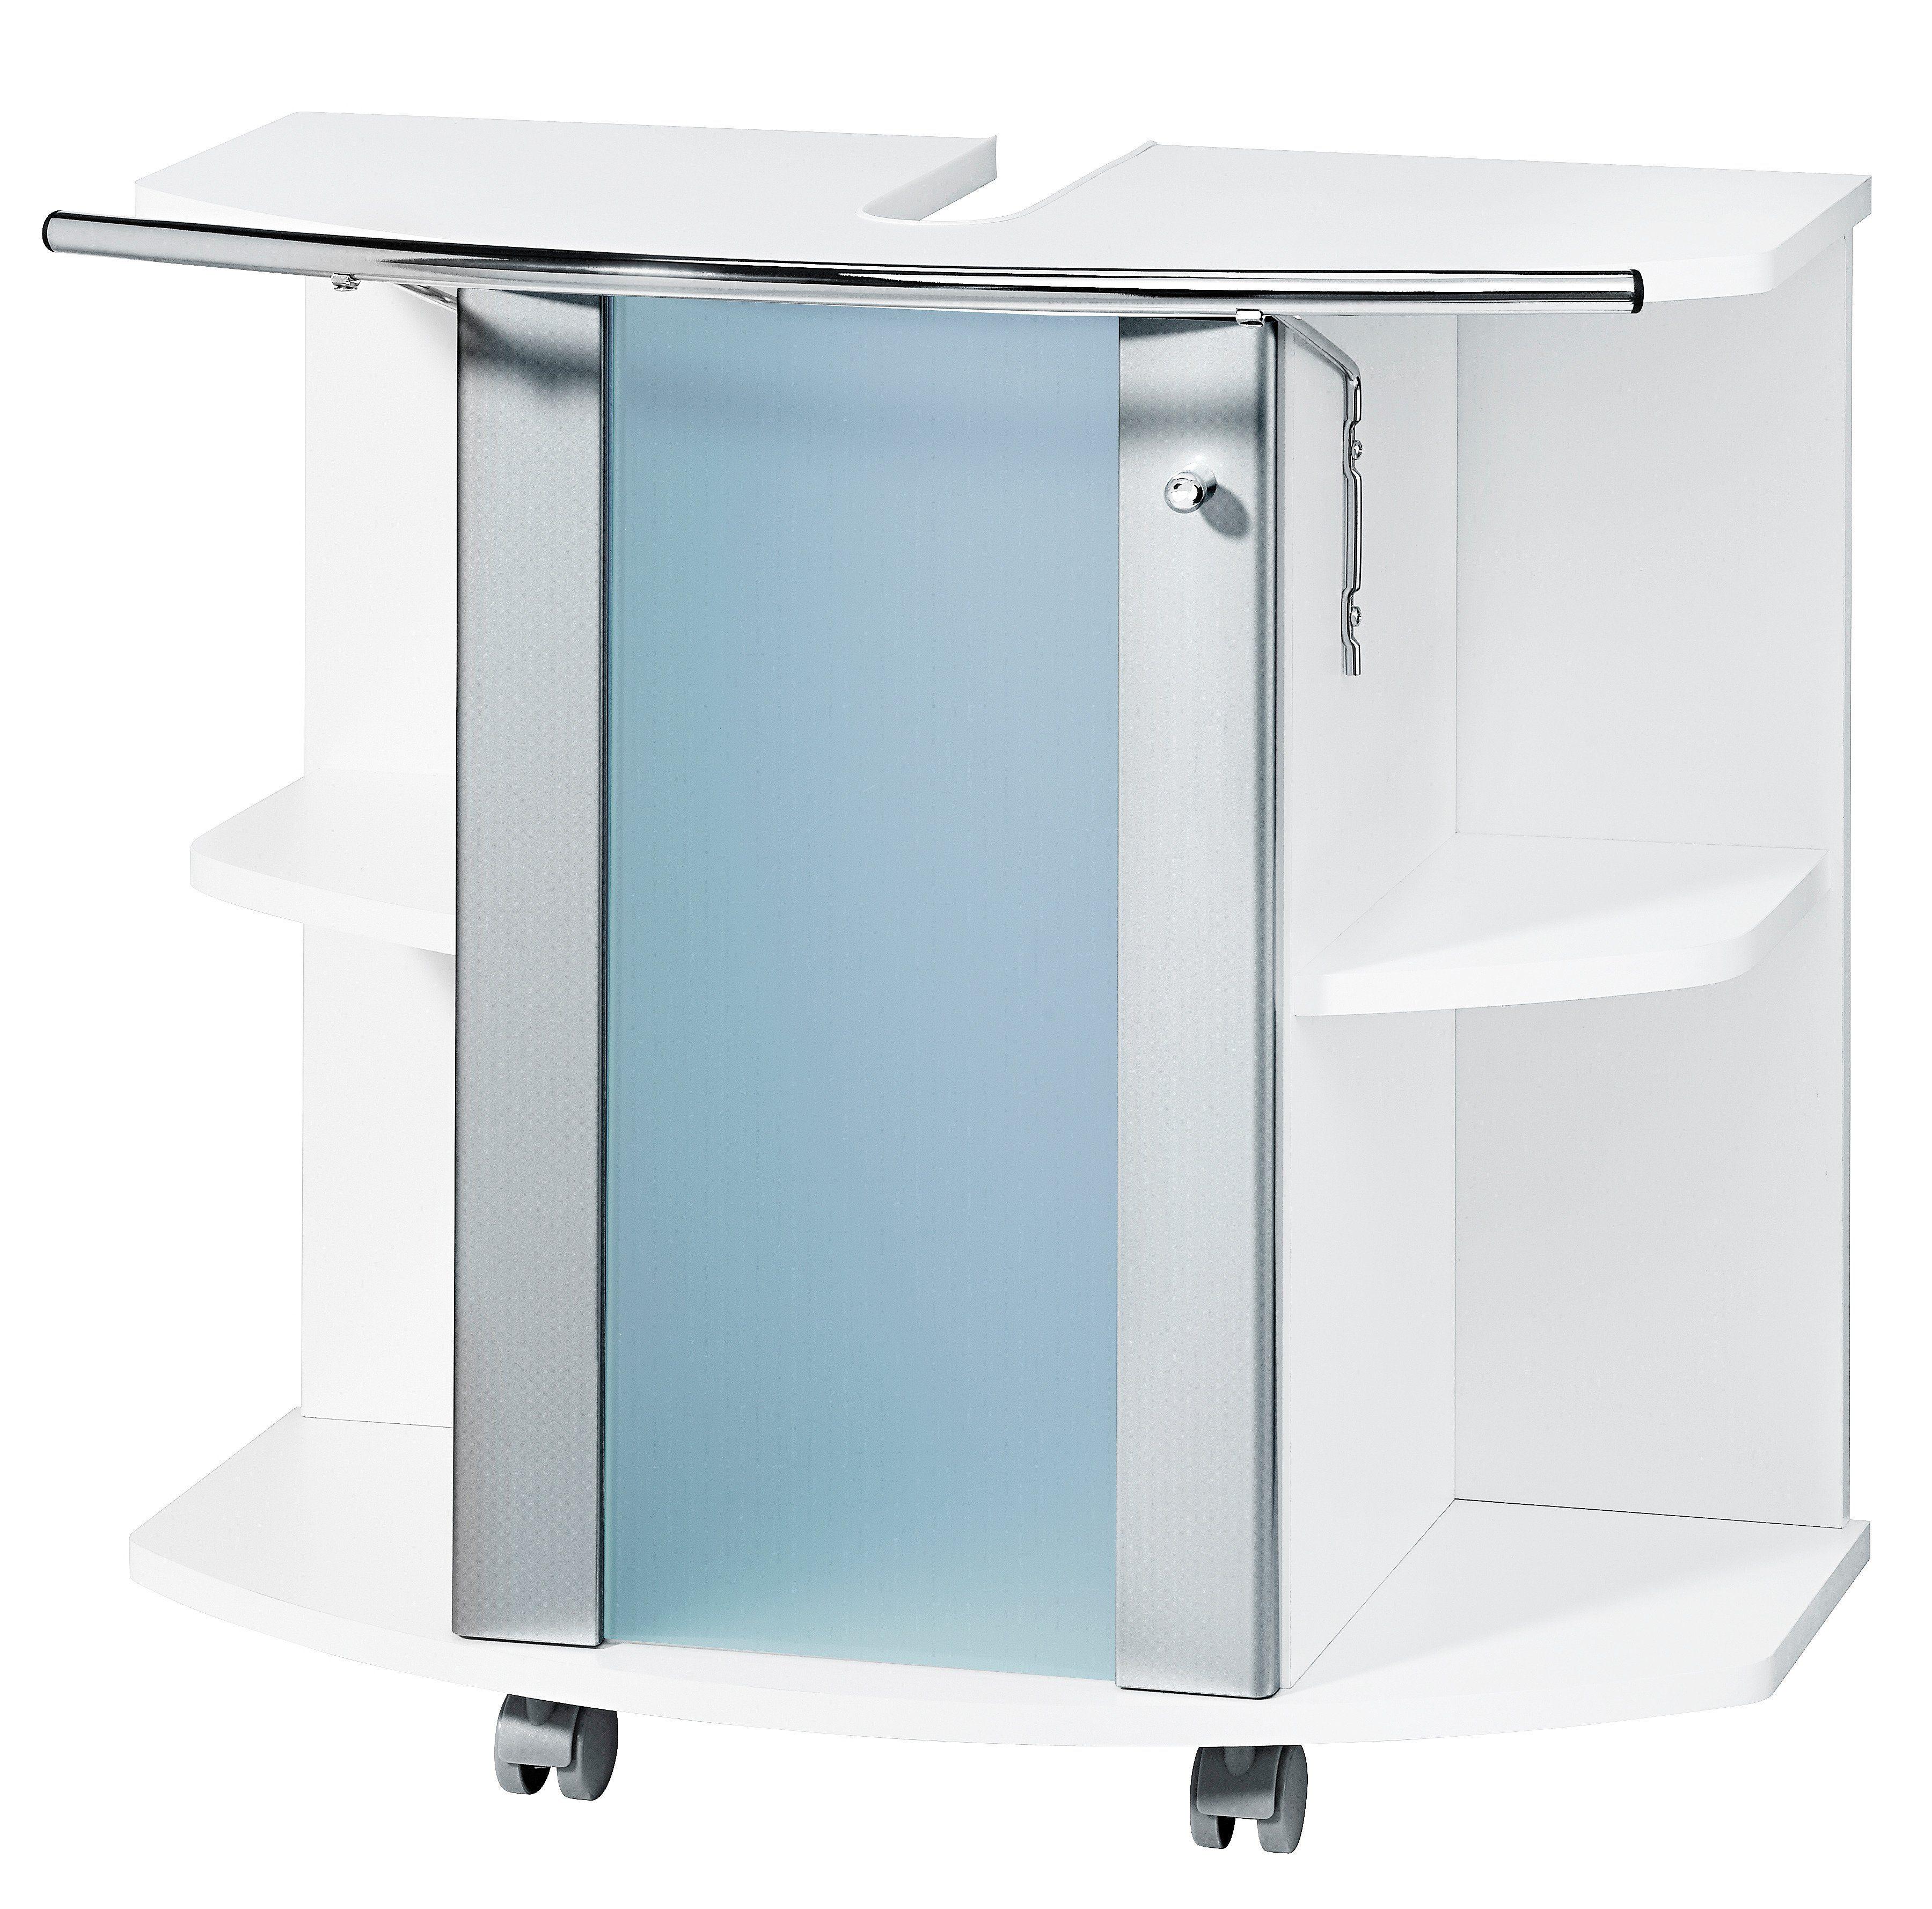 KESPER Waschbeckenunterschrank »Ravenna«, Breite 65 cm